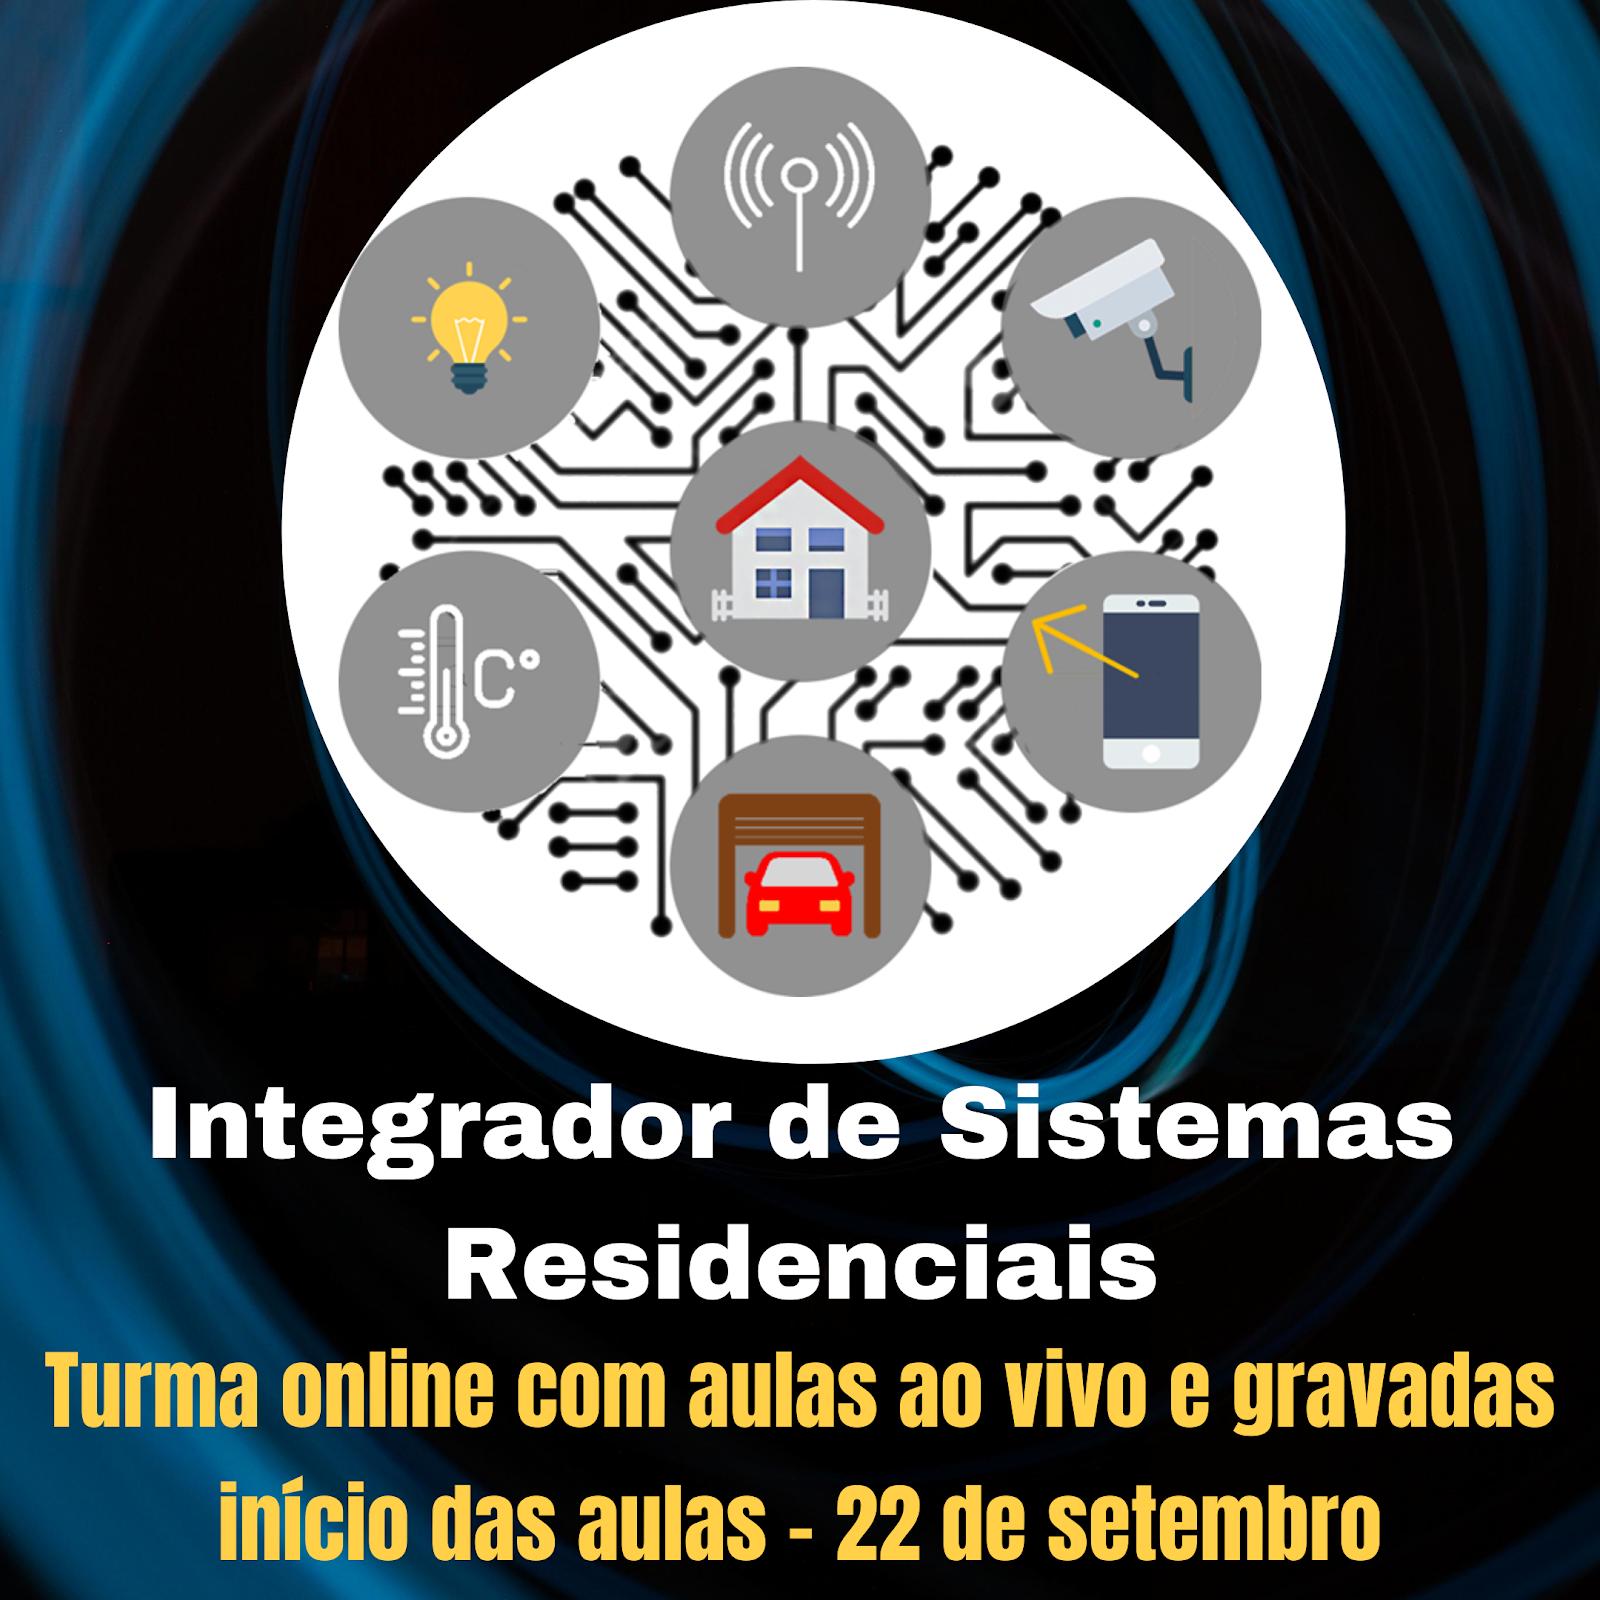 Seja um integrador de Sistemas